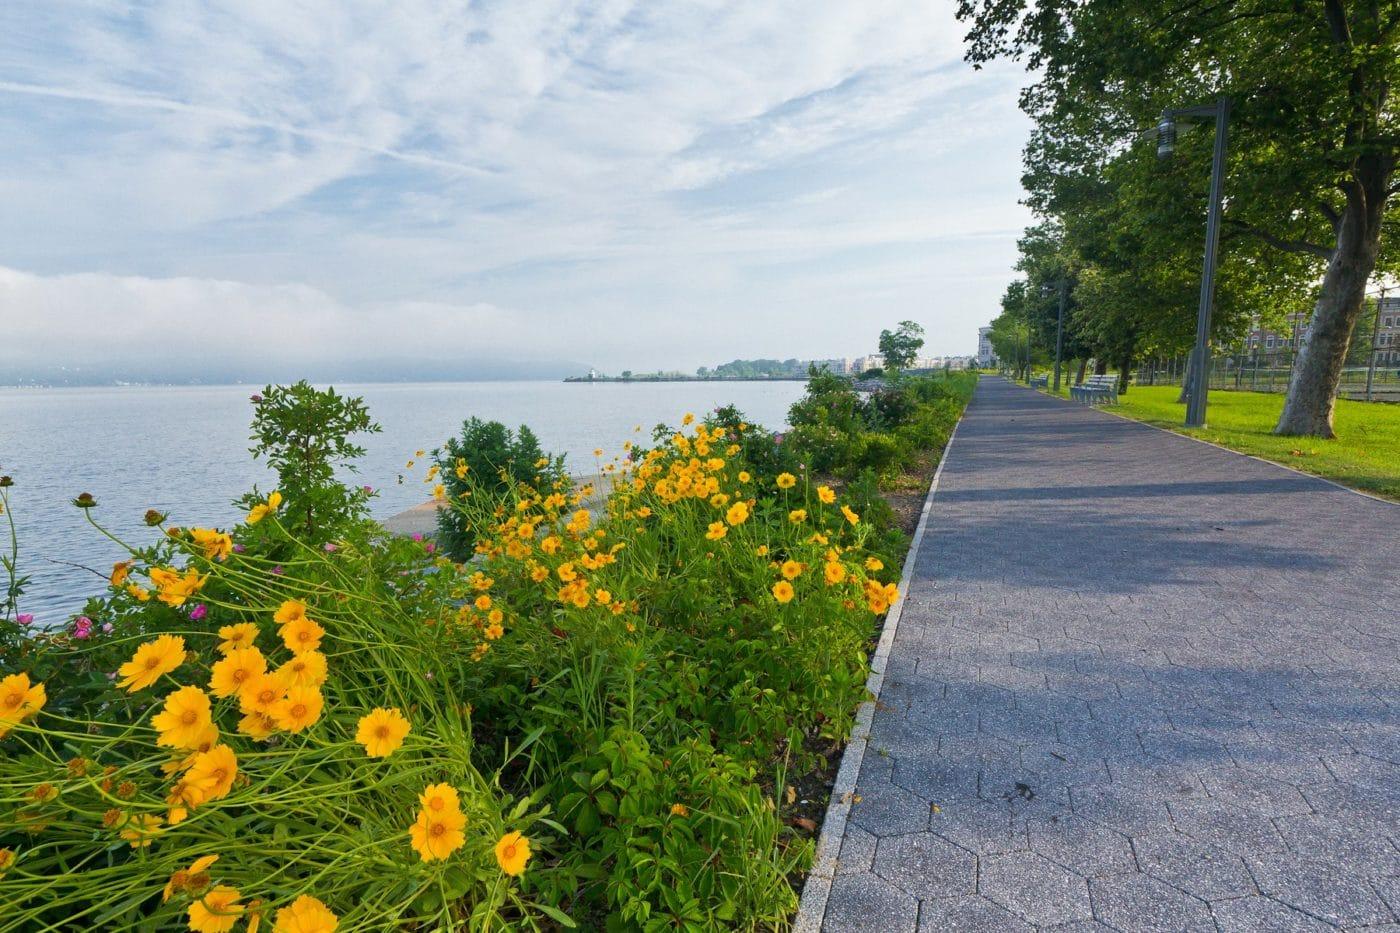 Scenic Hudson Riverwalk Park at Tarrytown